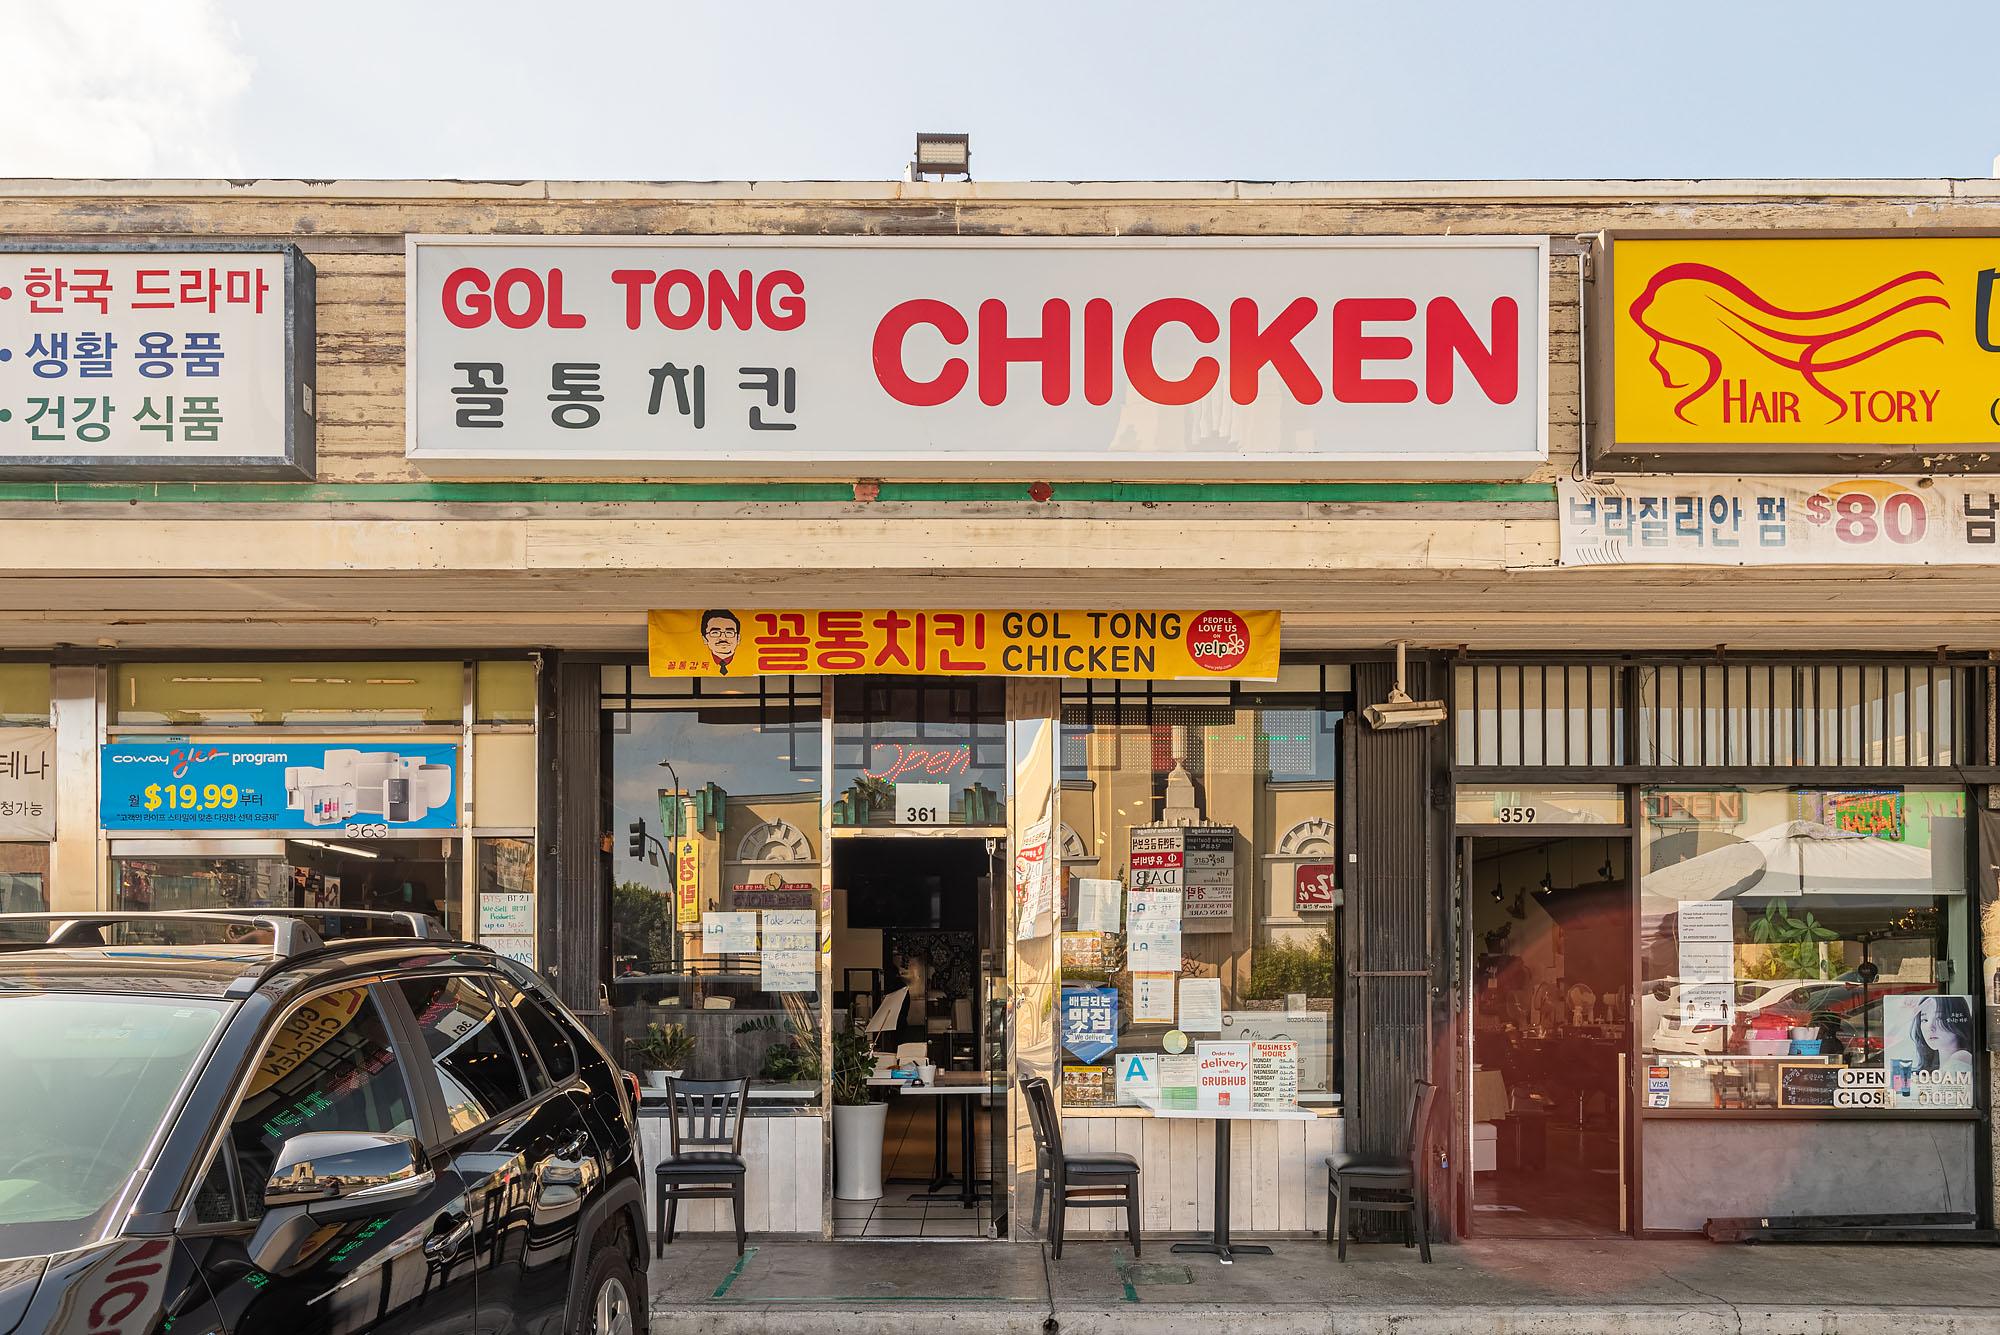 Gol Tong Chicken in LA's Koreatown